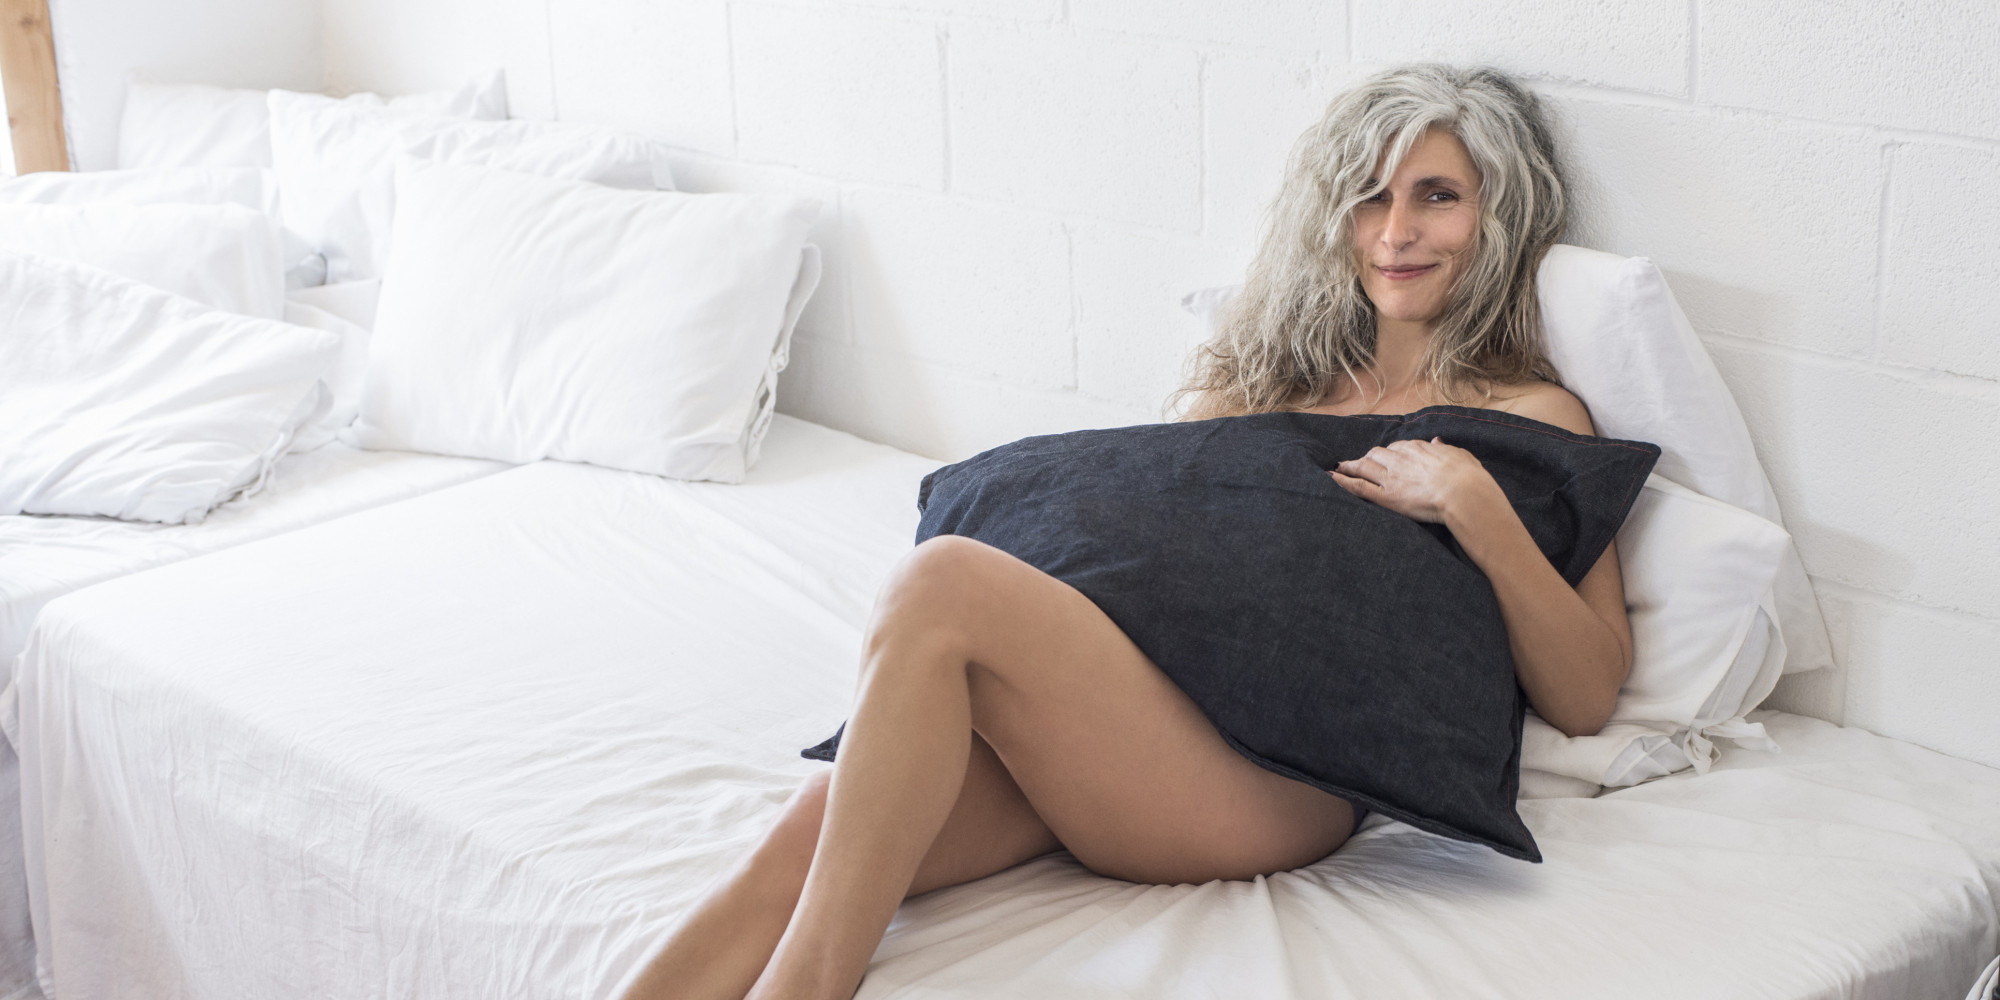 To Man Woman Kinky Atheist Seeking 50 55